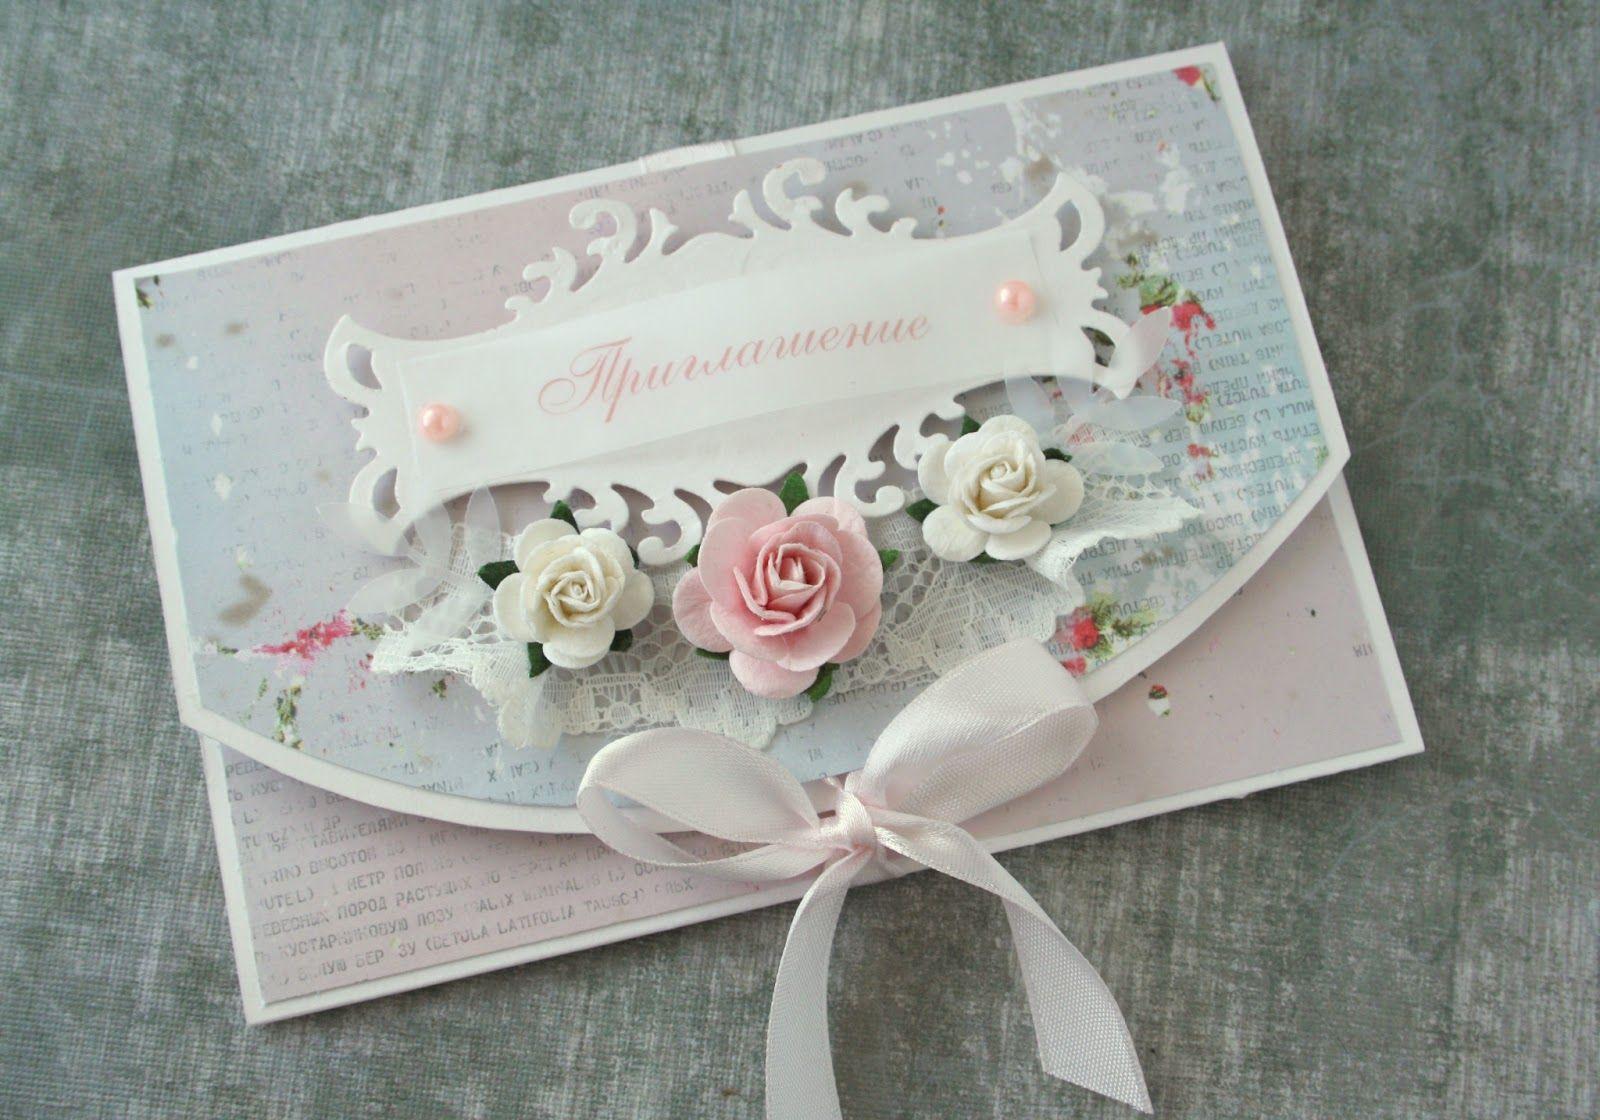 открытка конверт на свадьбу скрапбукинг мастер класс если спортсмен ошибся